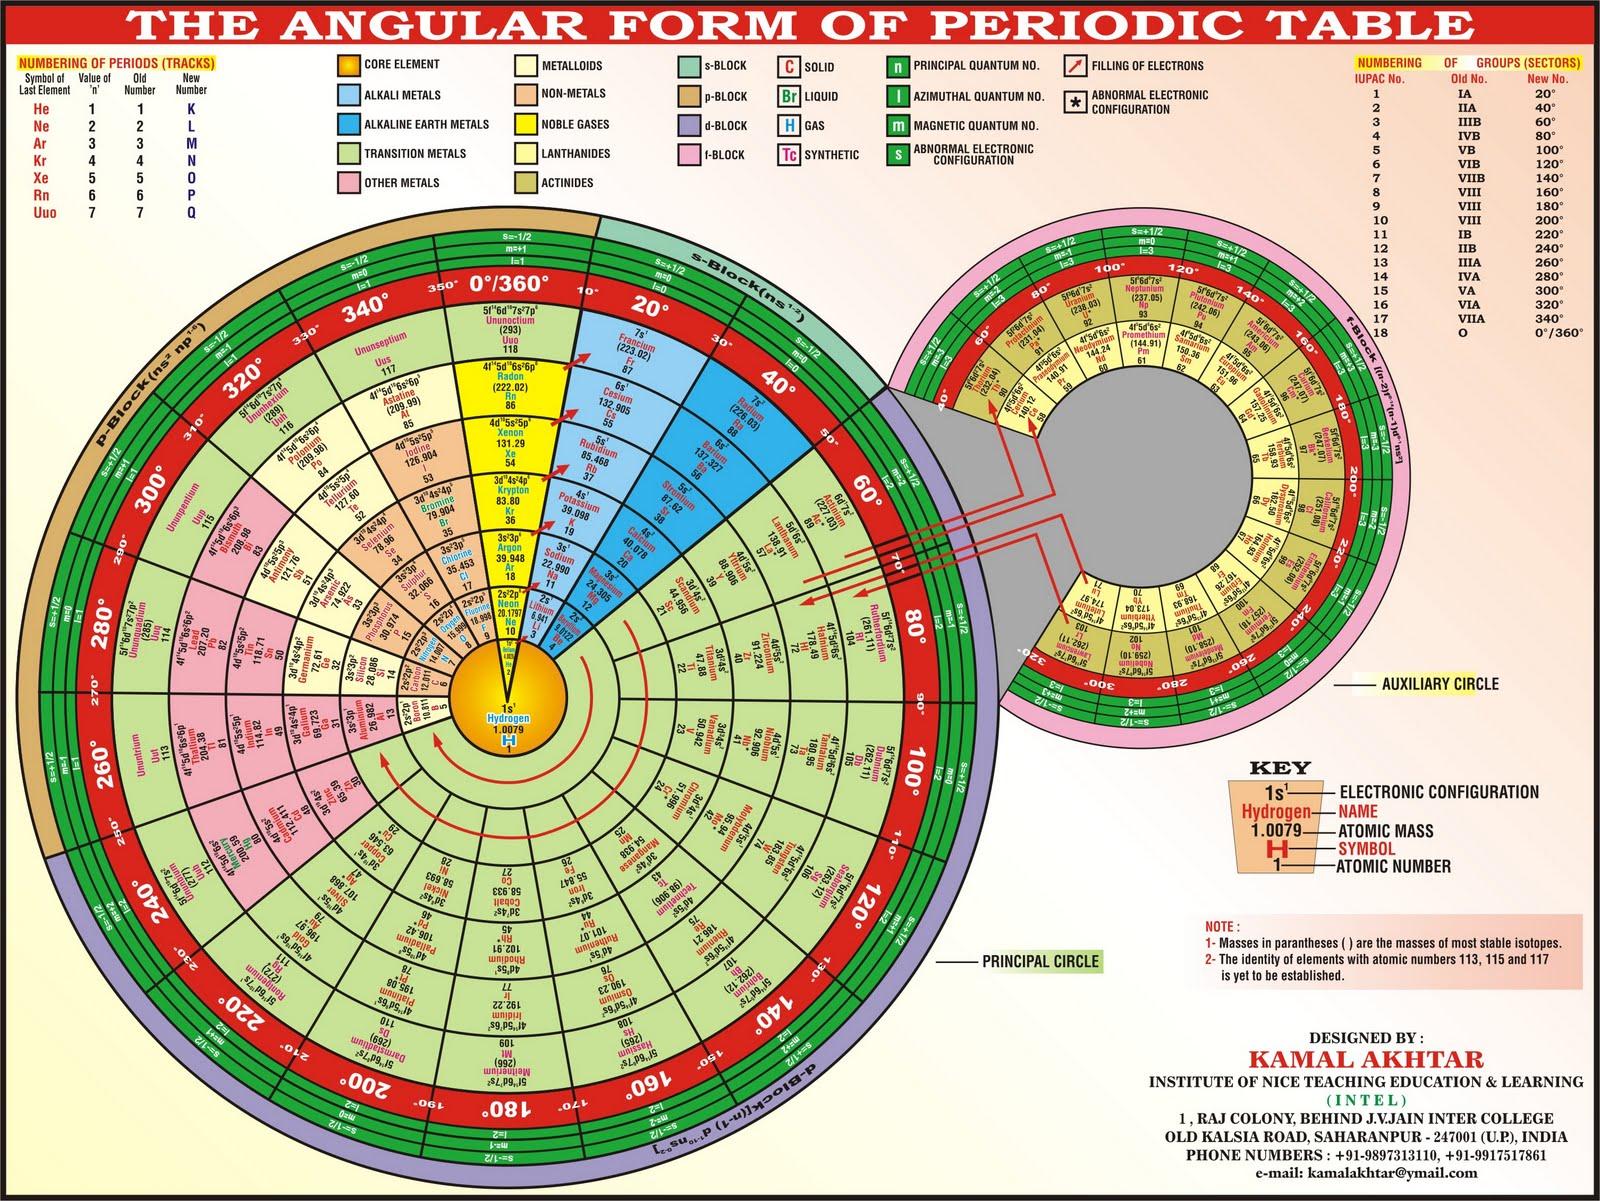 tabla etimolgica de los elementos en ella encontramos la raz de la que procede el smbolo del elemento y su nombre podemos encontrar tambien el ao que